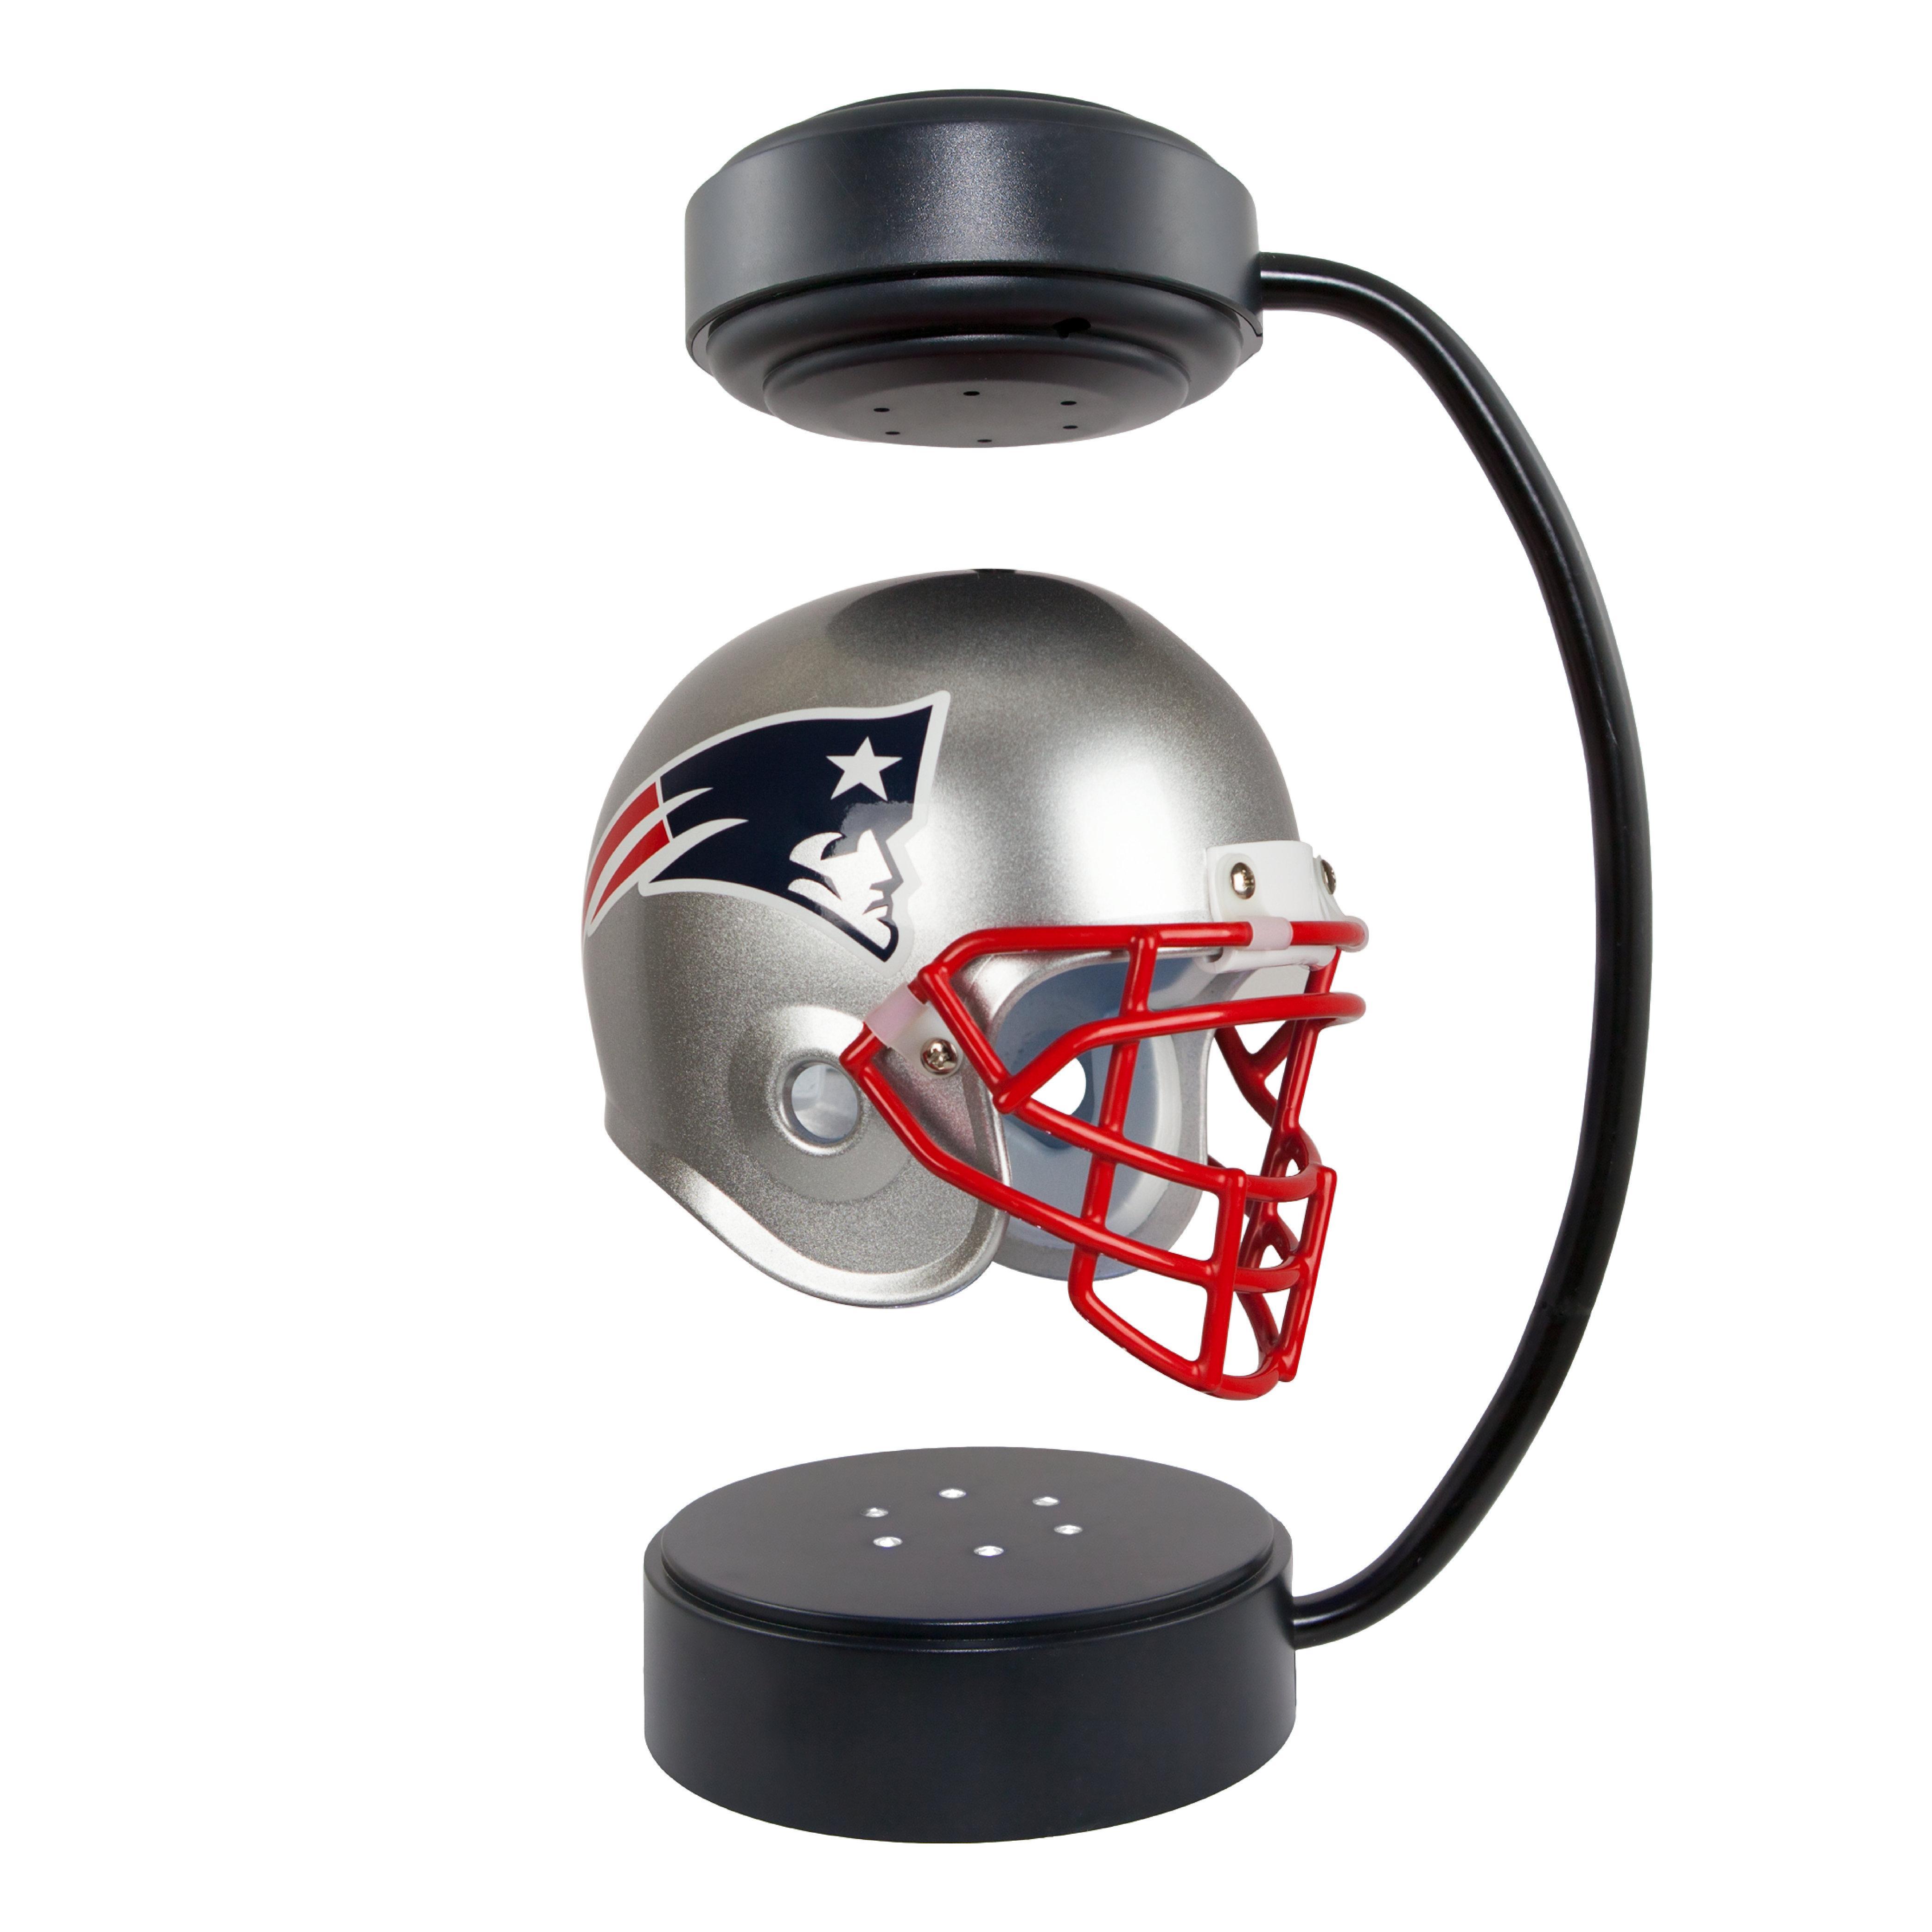 4167x4167 Nfl Hover Helmet